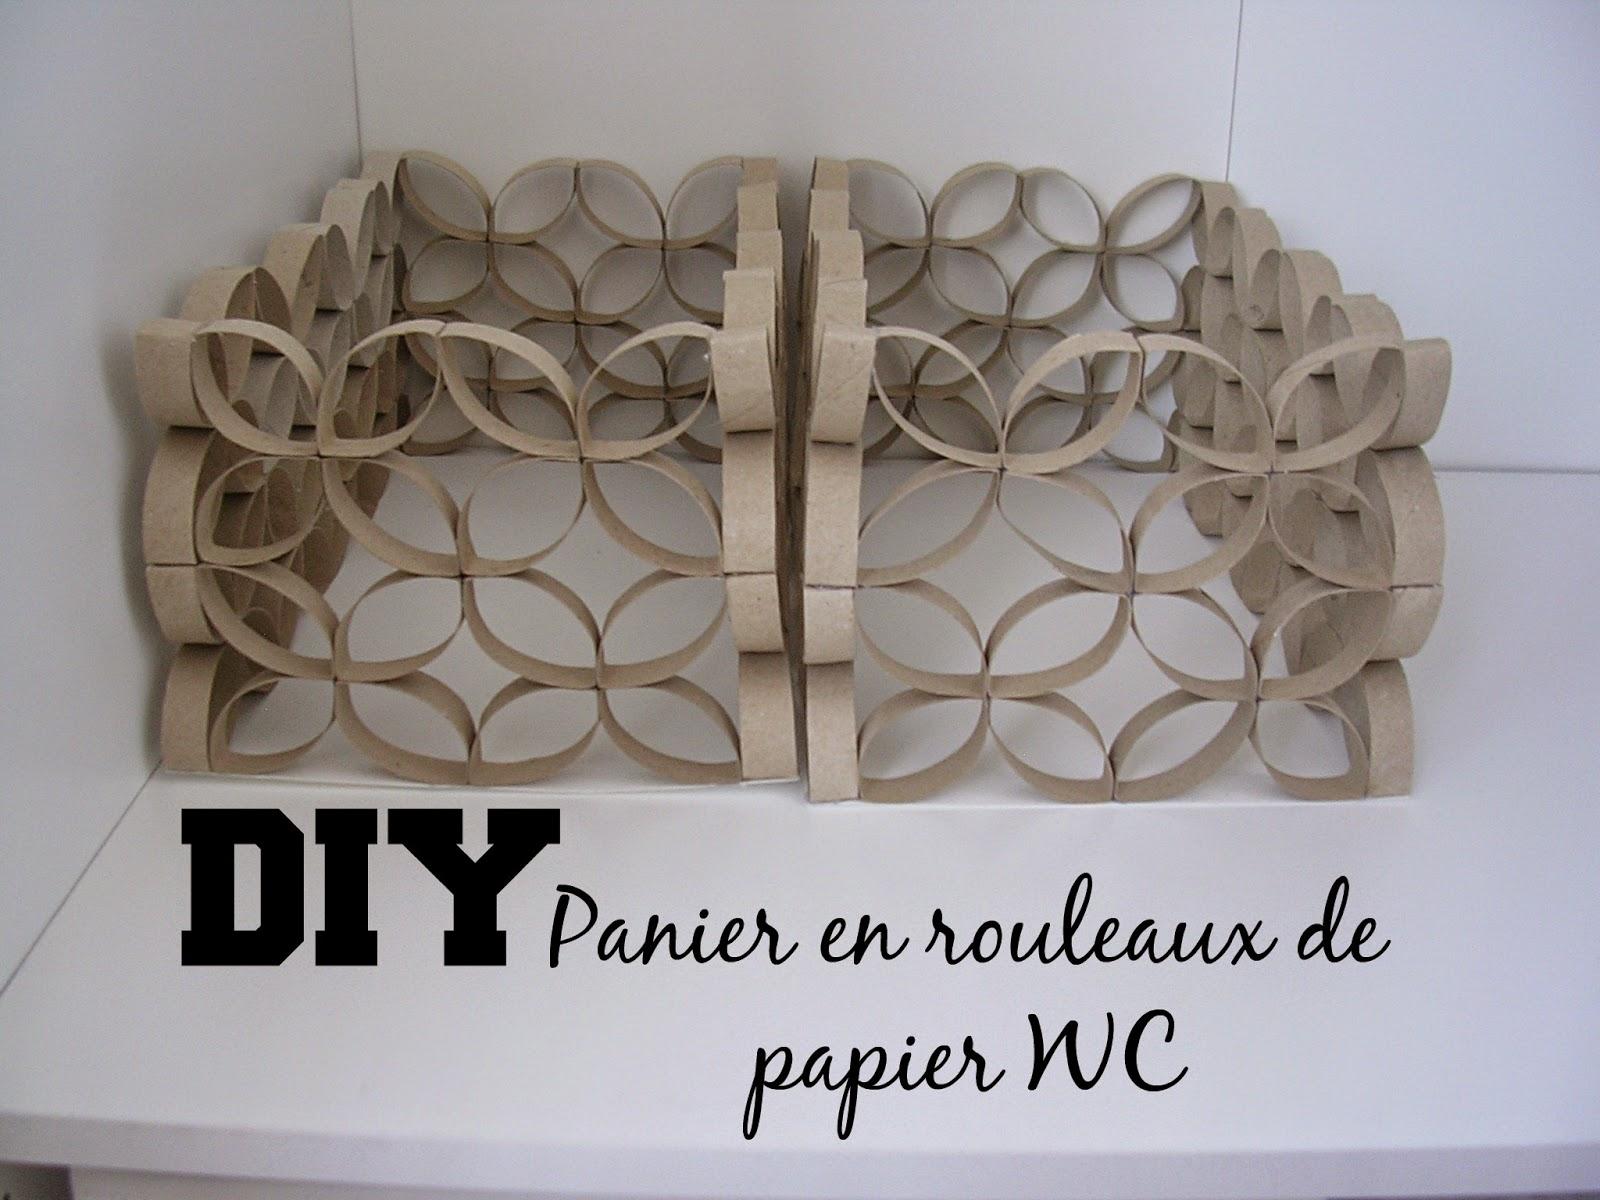 boucle d 39 aure diy panier en rouleaux de papier wc. Black Bedroom Furniture Sets. Home Design Ideas